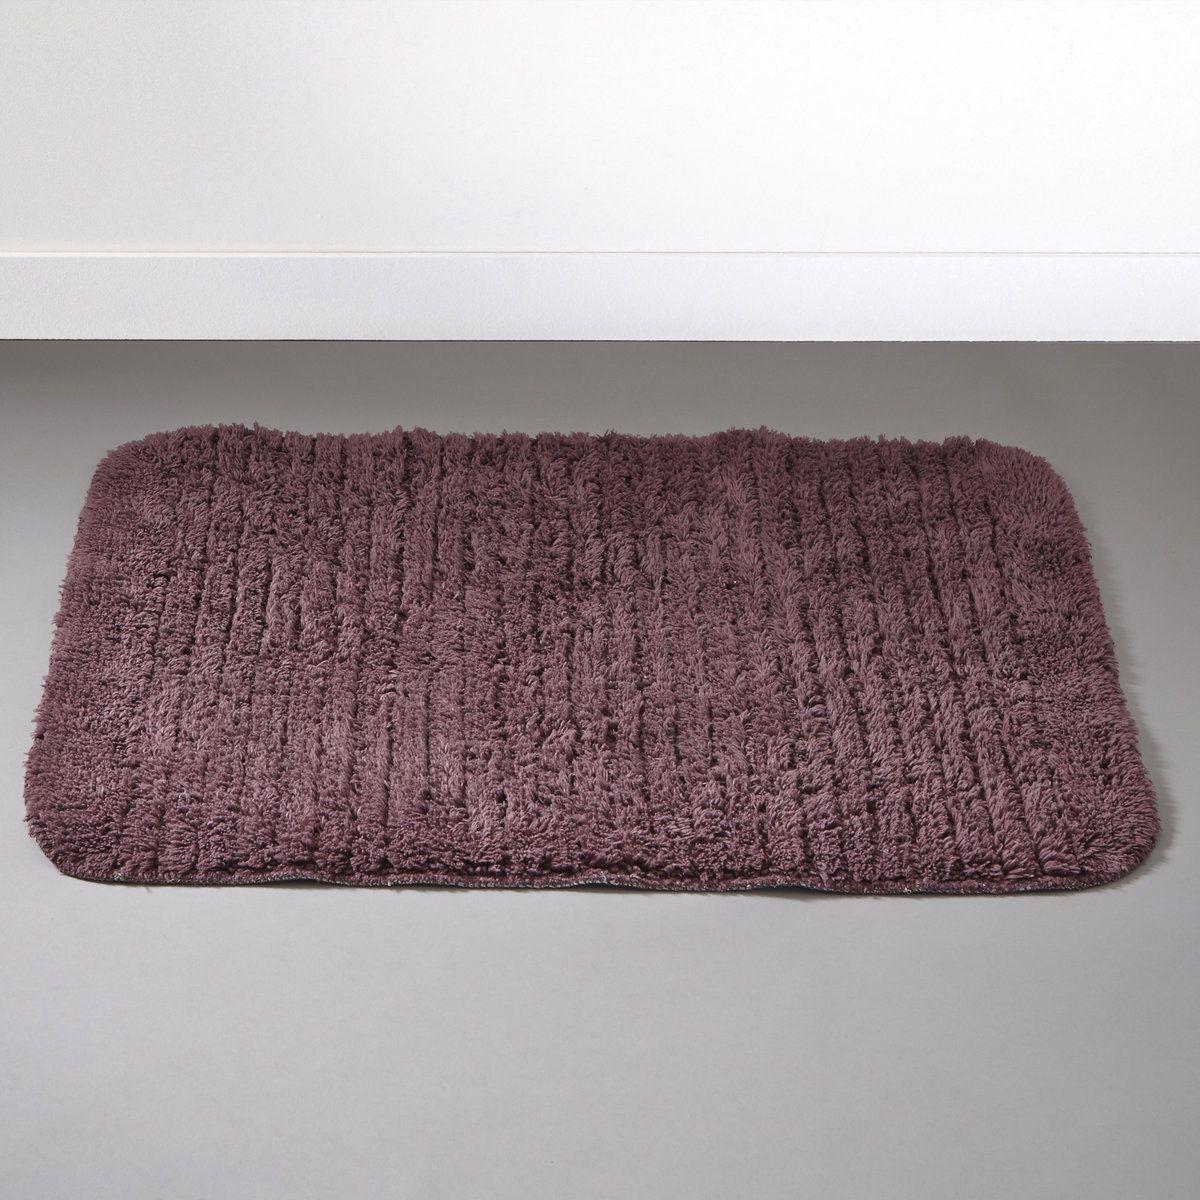 Tapis de bain uni tufté 1100 g/m² SCENARIO